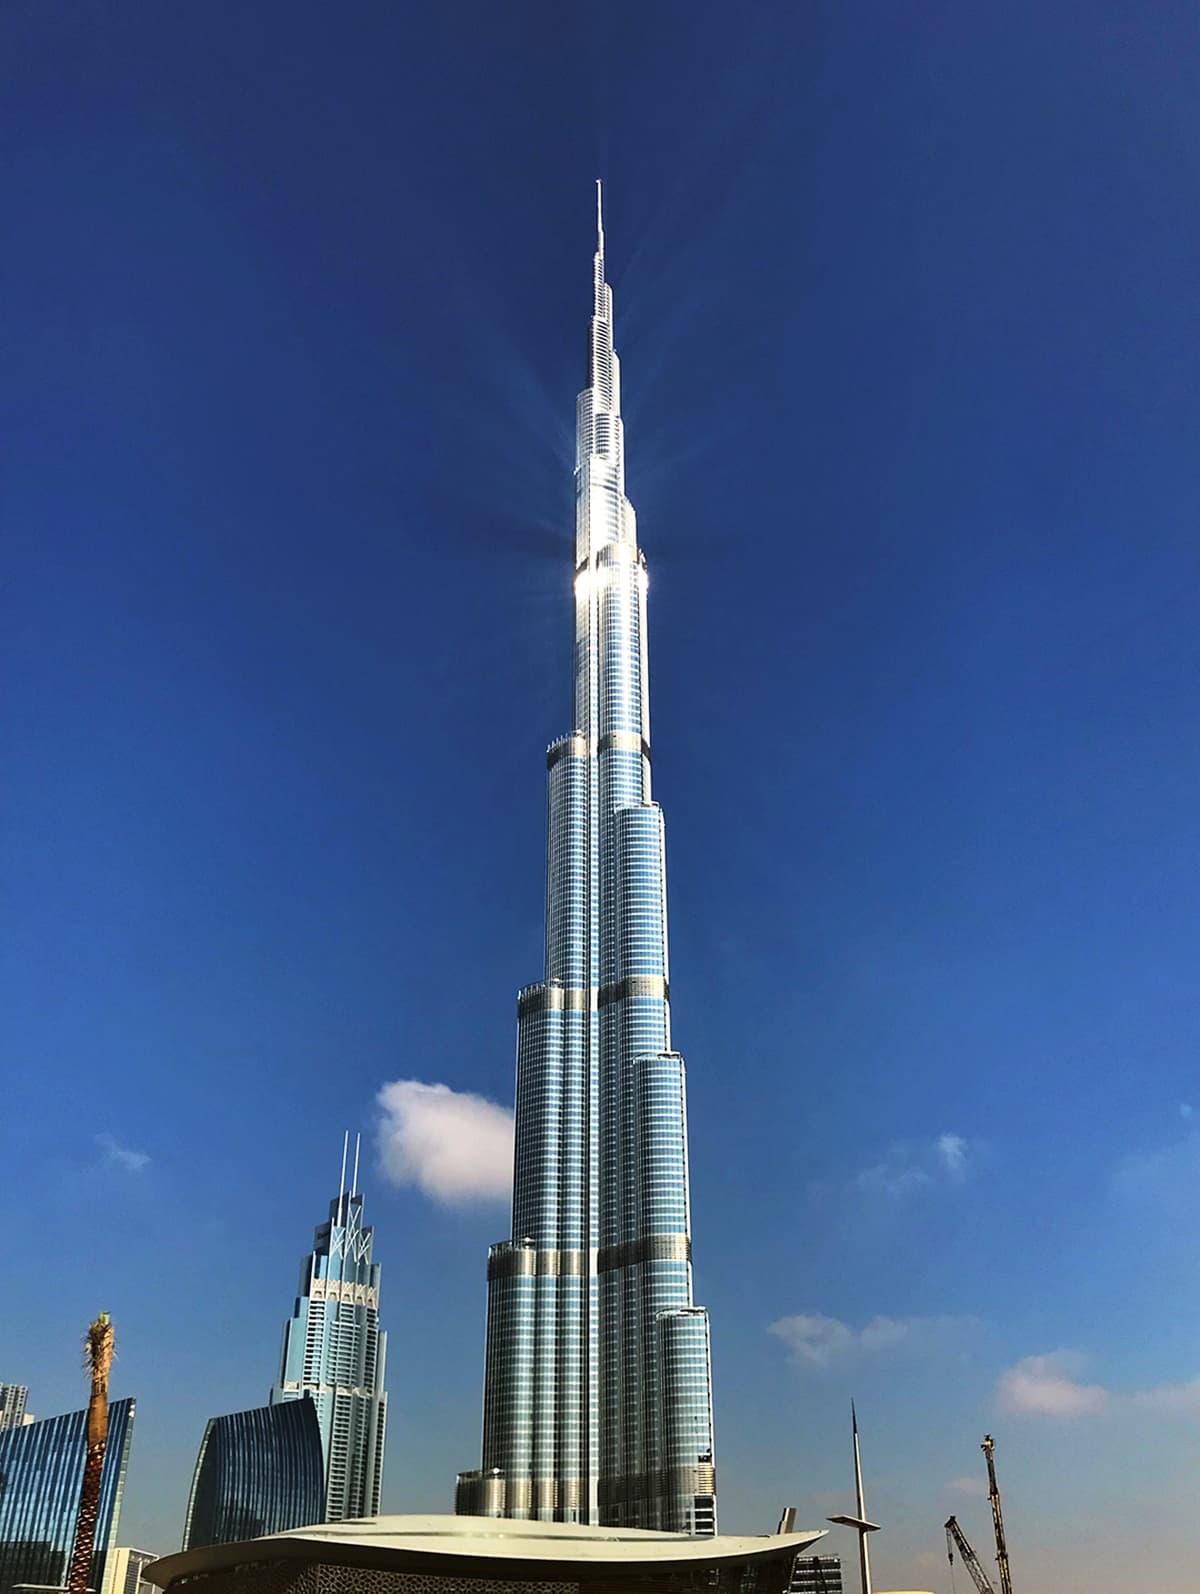 برج خلیفہ دبئی کی بلند ترین عمارت ہے۔ — تصویر احسن سعید